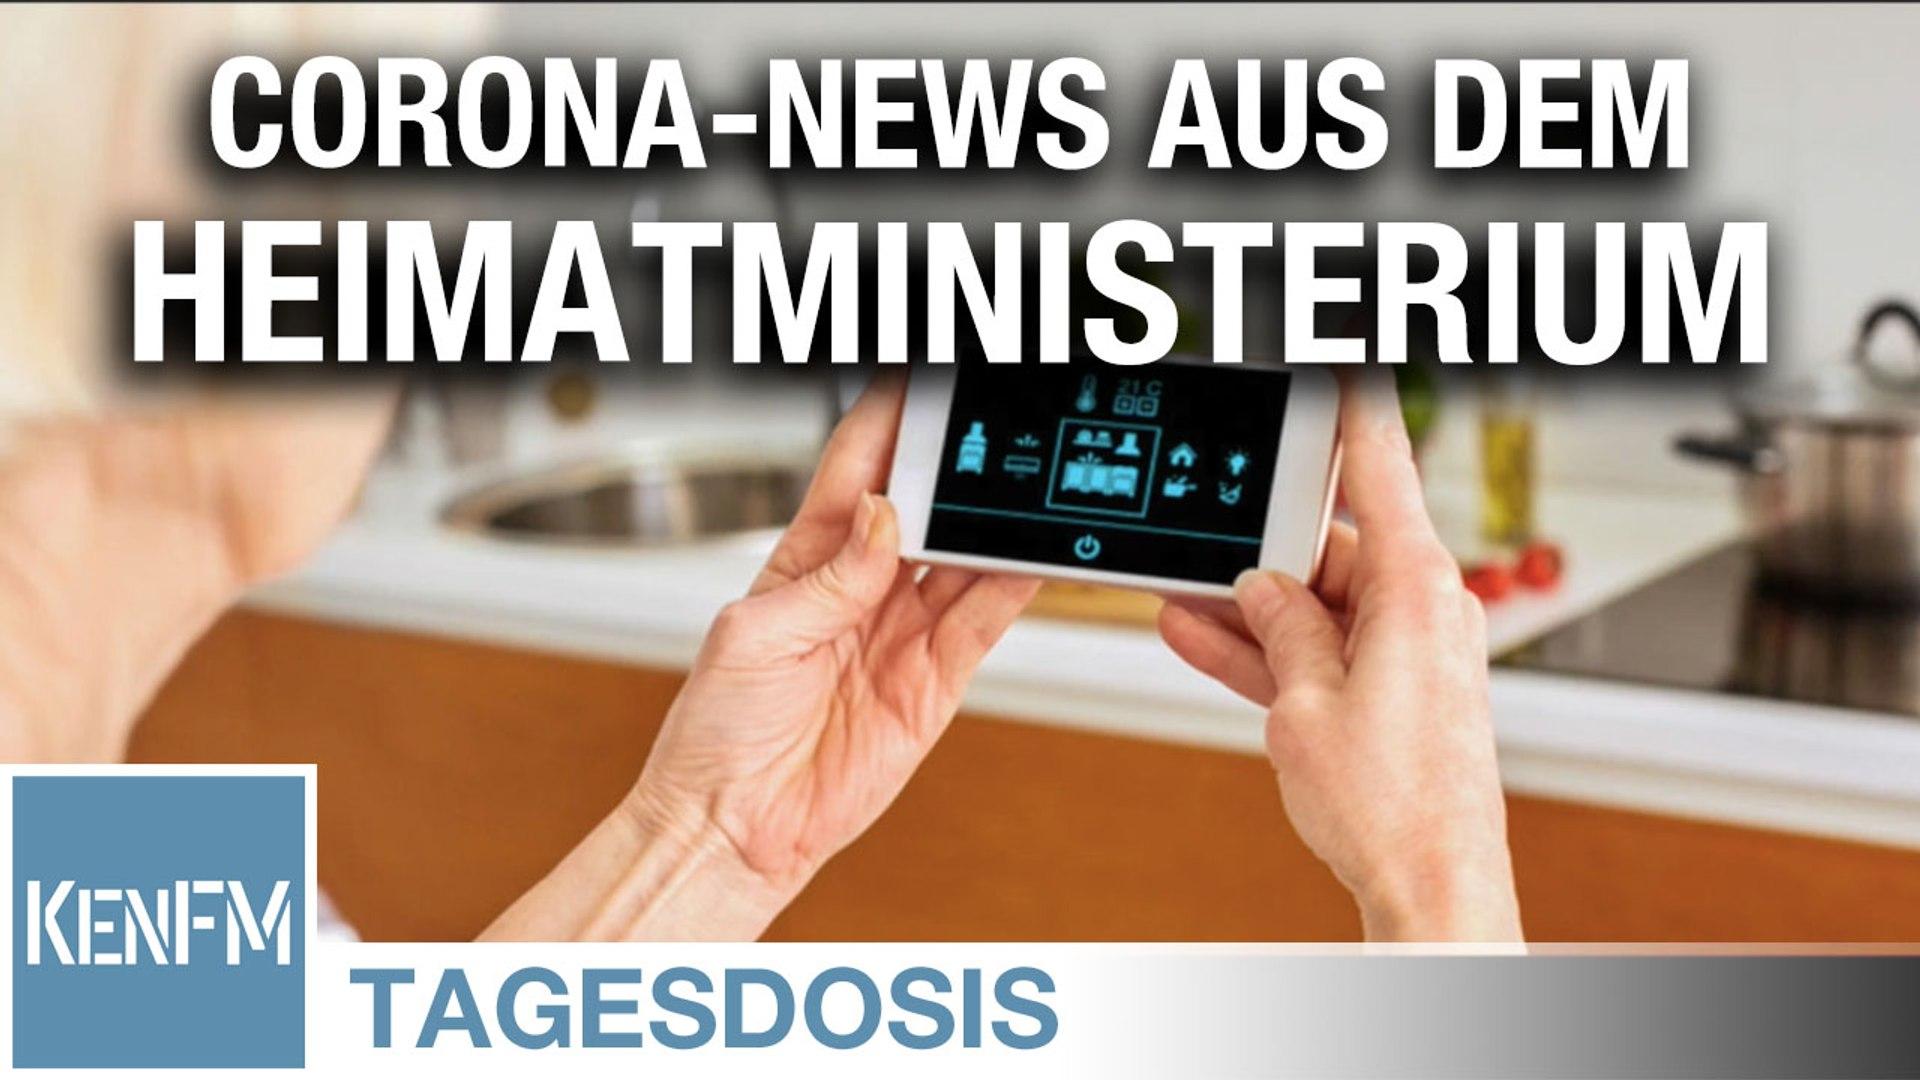 Corona-News aus dem Heimatministerium: Die Förderinitiative Heimat 2.0 - Tagesdosis 13.6.2020